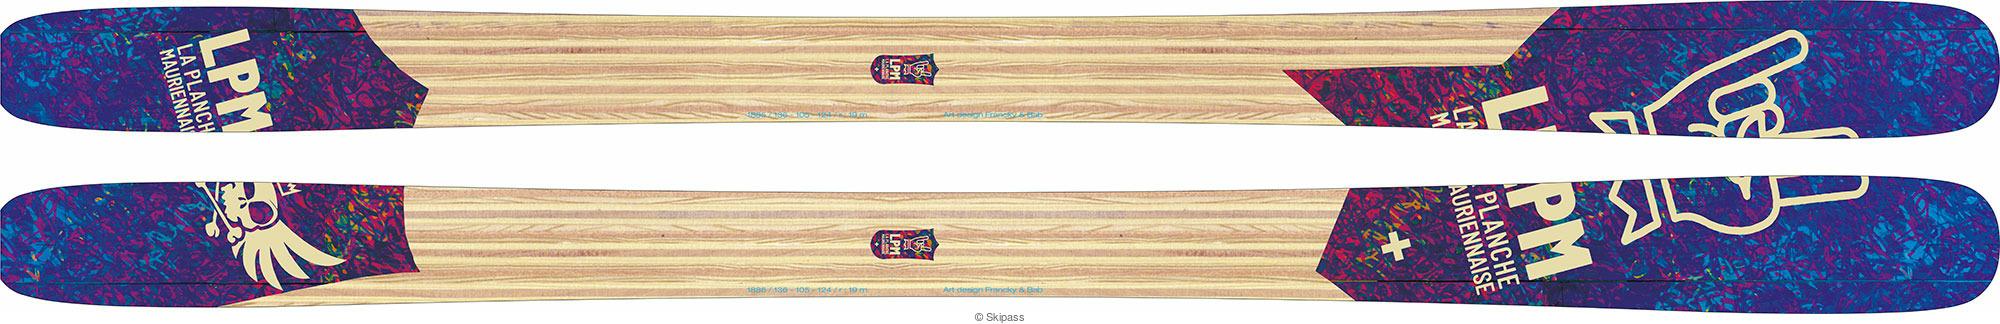 La Planche Mauriennaise Le 105